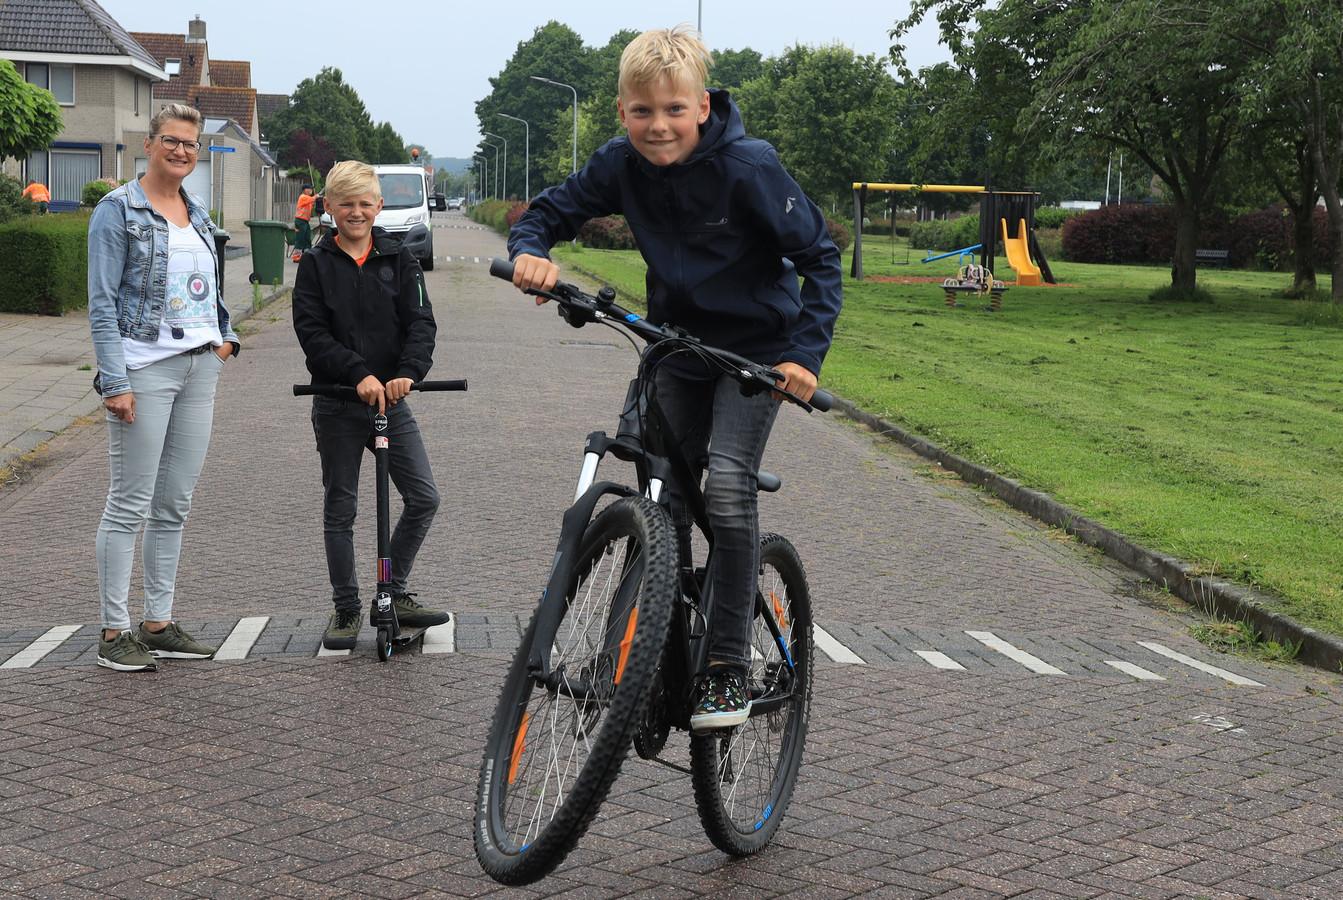 Nu nog gewoon op straat in Axel, Luca Verschuren op zijn BMX-fiets, op de achtergrond zijn moeder Hanneke en broer Senna.